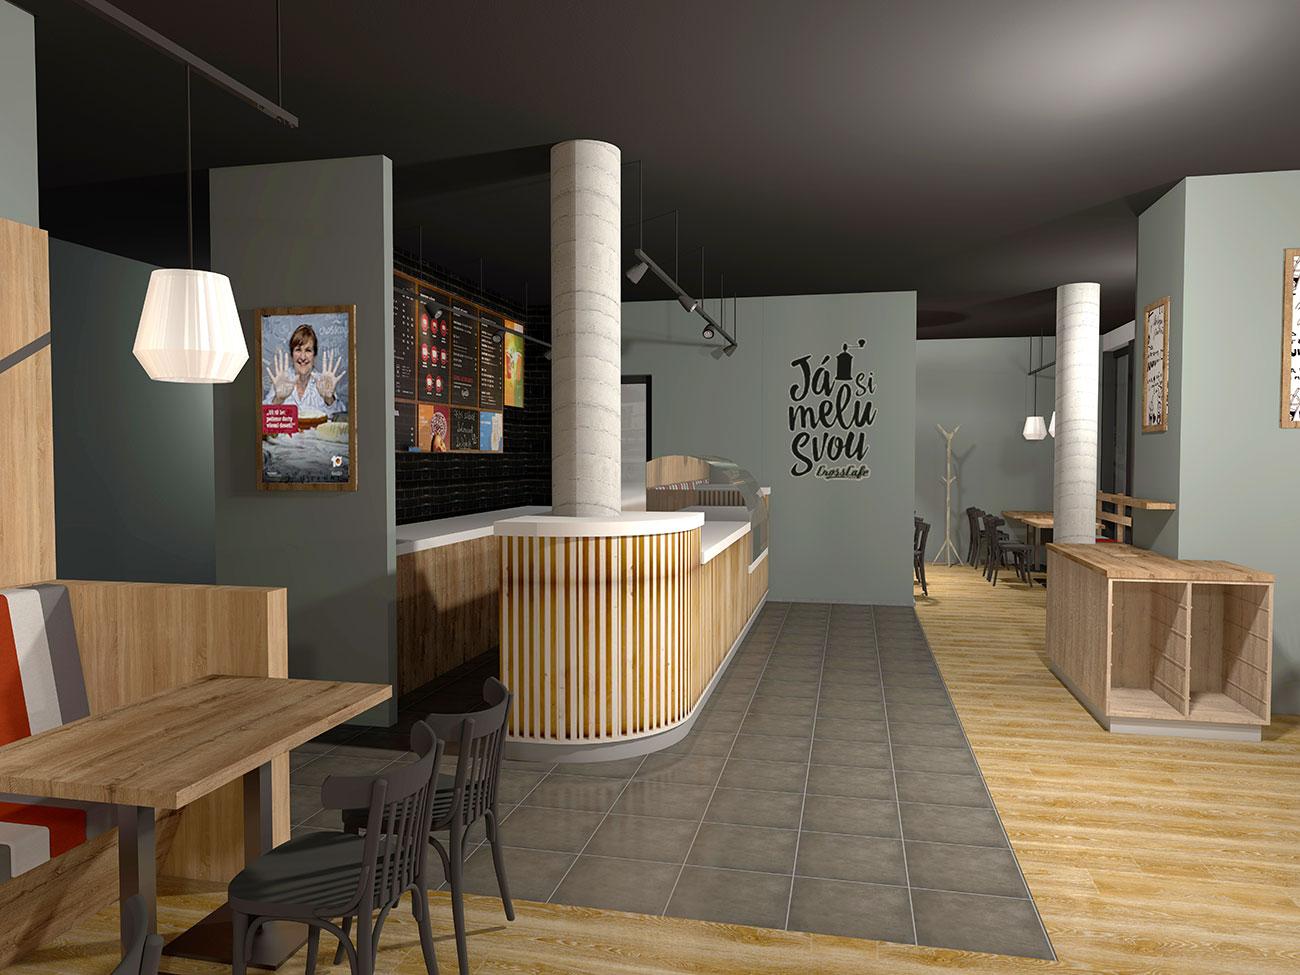 josef-cerny-cross-cafe-rezidence-klostermann (8)